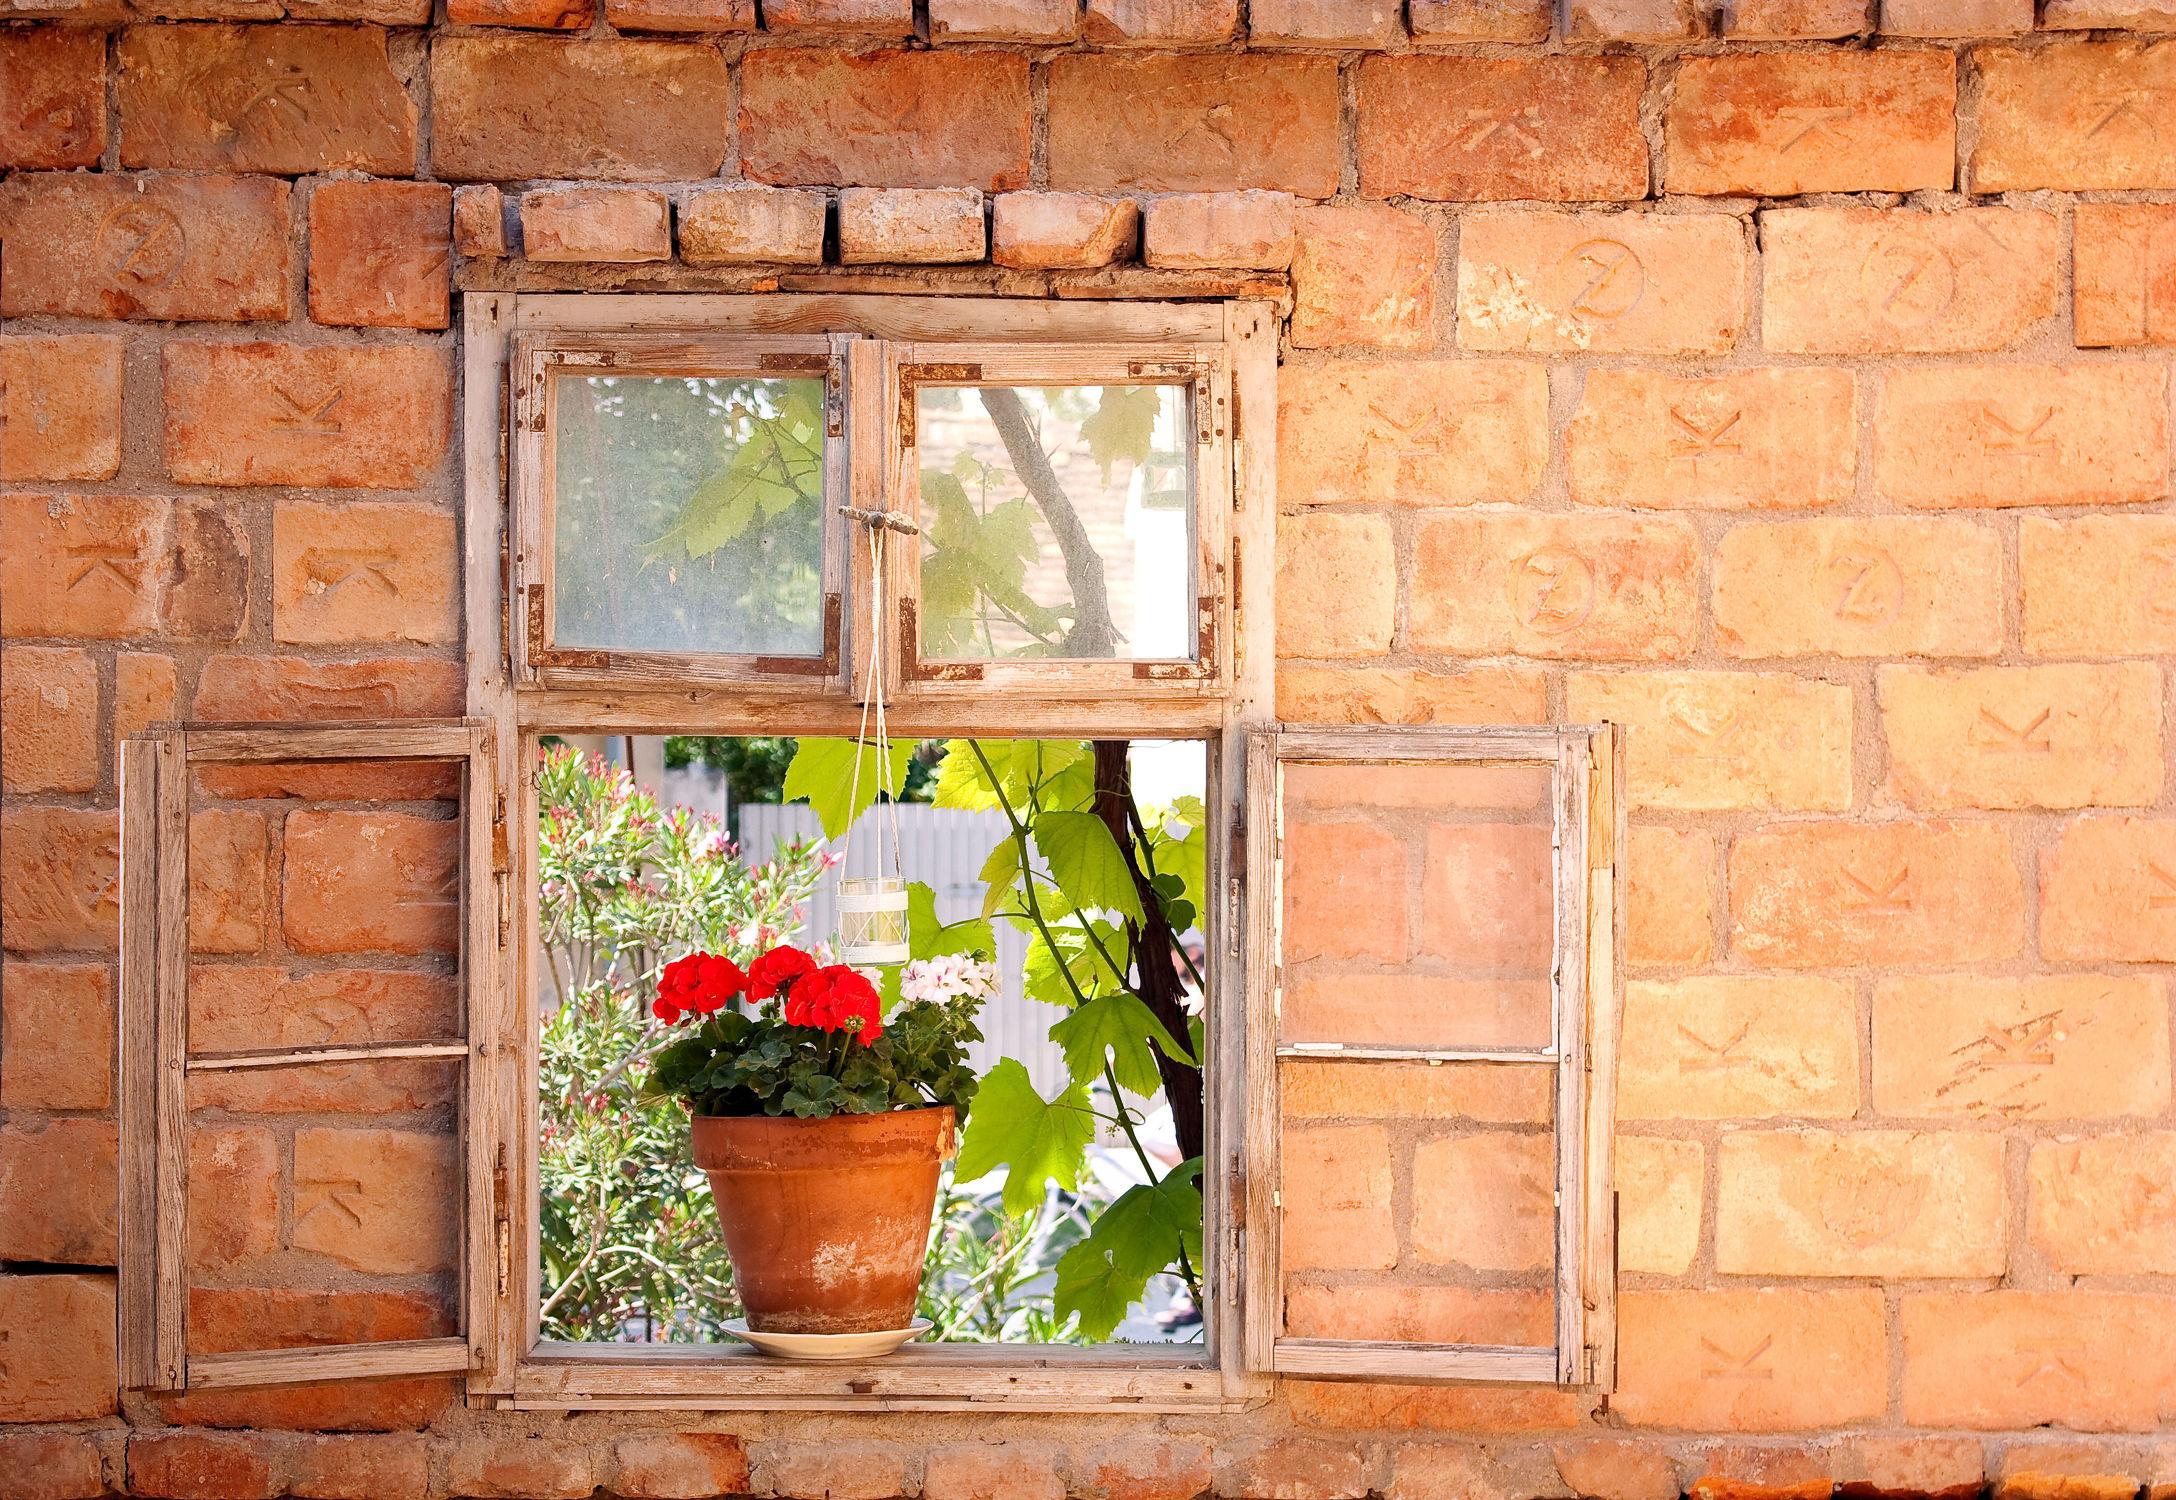 Bild mit Fenster, Künstlerisch, Fensterblick